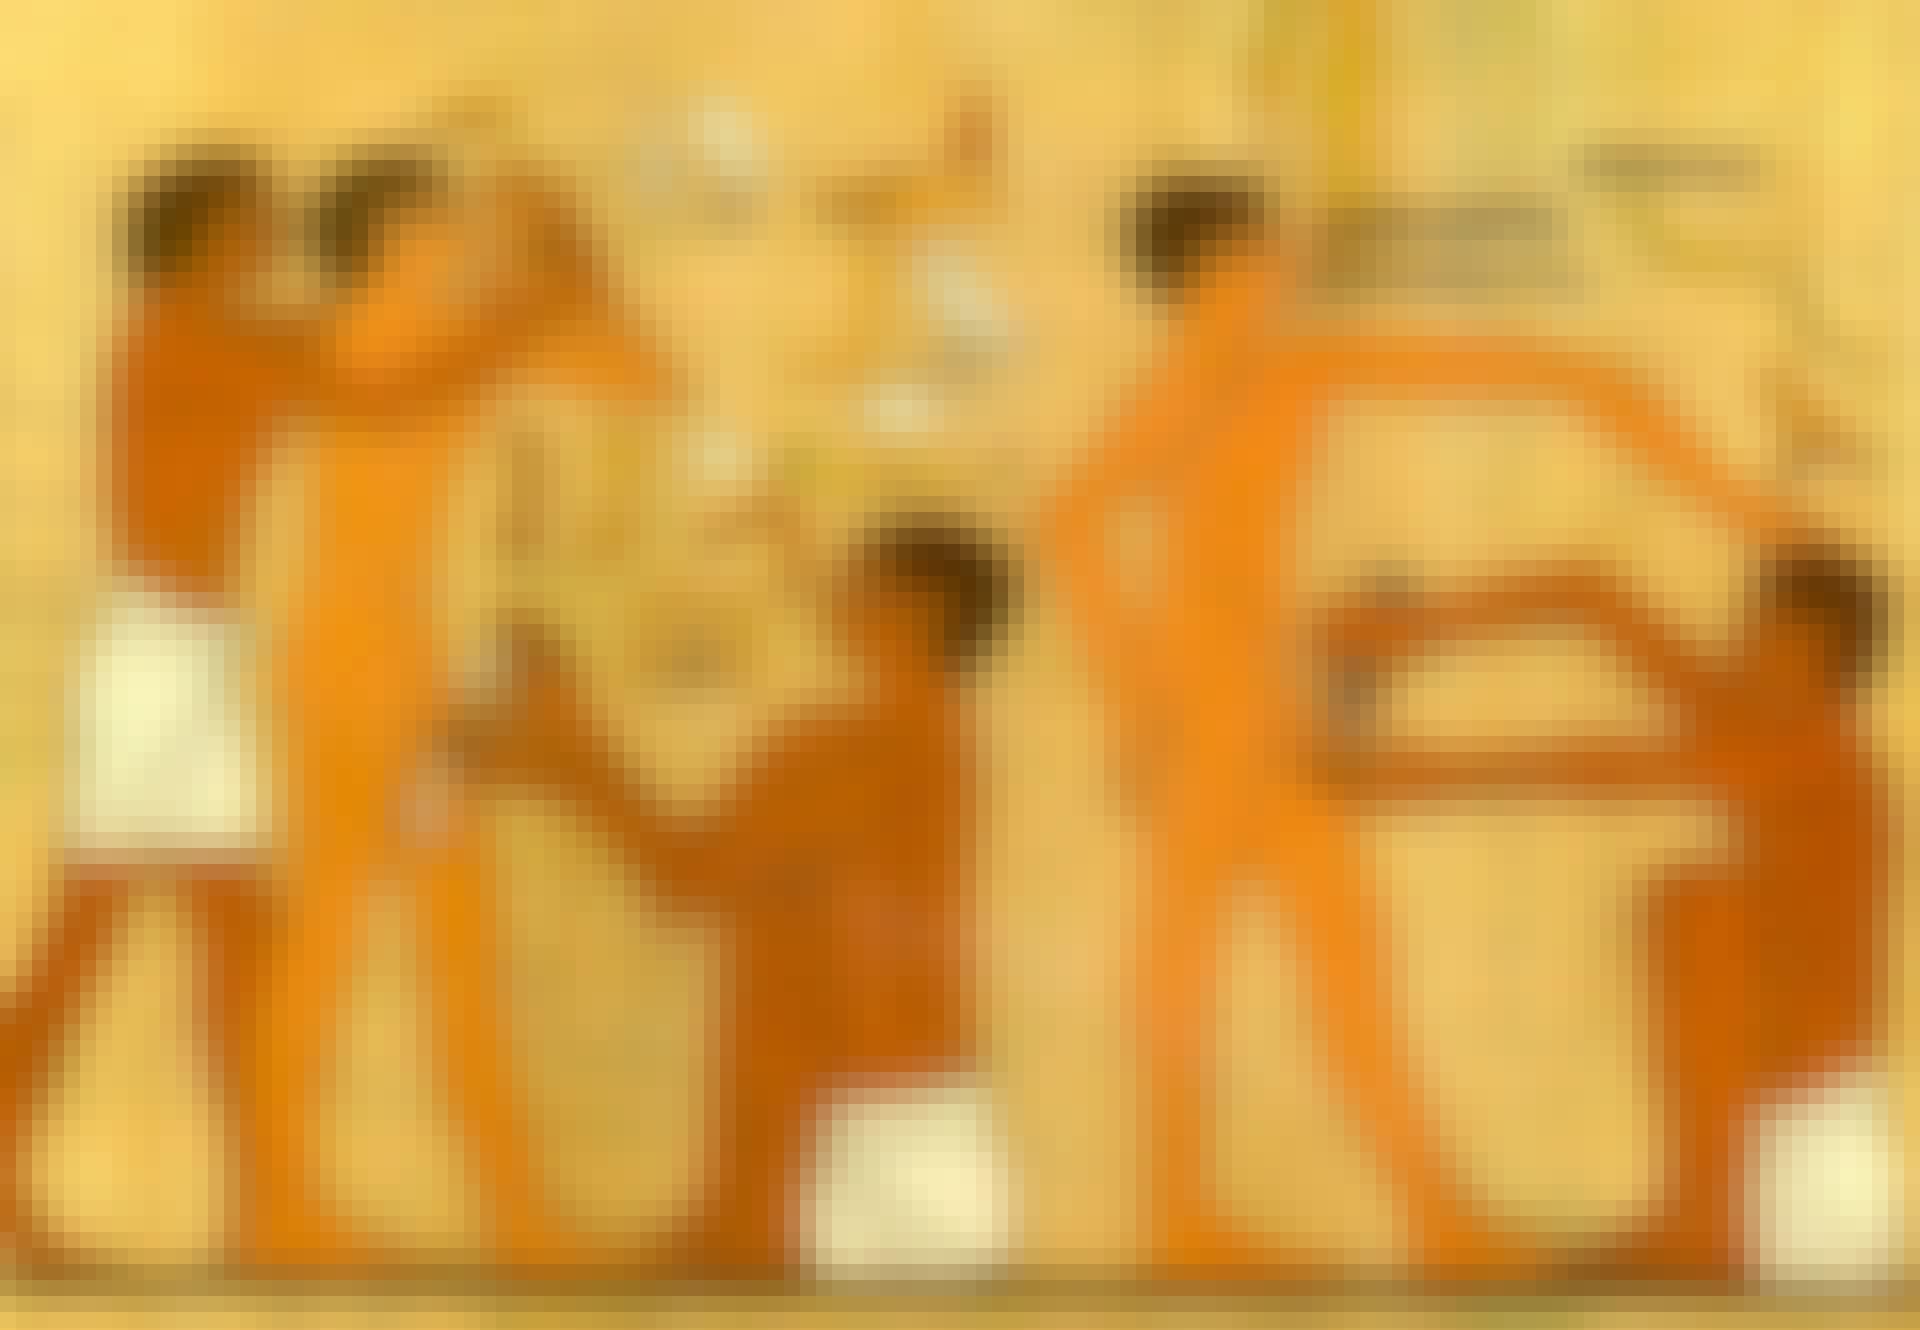 Ympärileikkaus, egyptiläinen papyrus